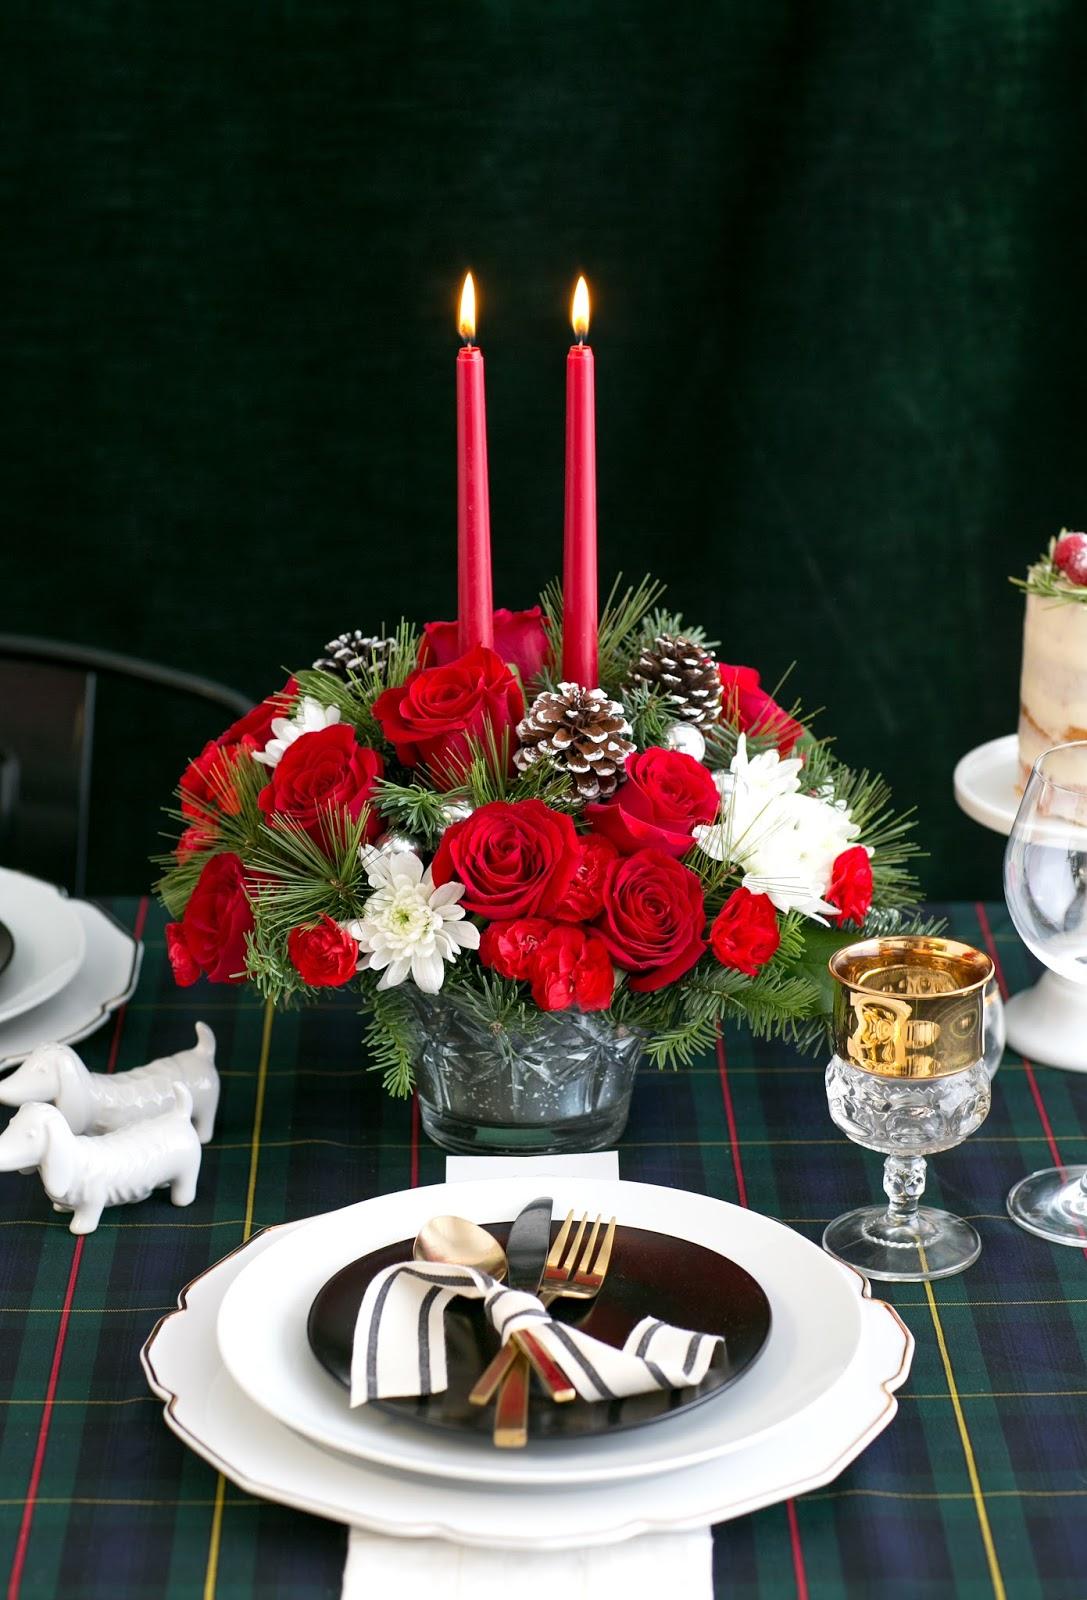 Give the gift of teleflora this holiday season thomas